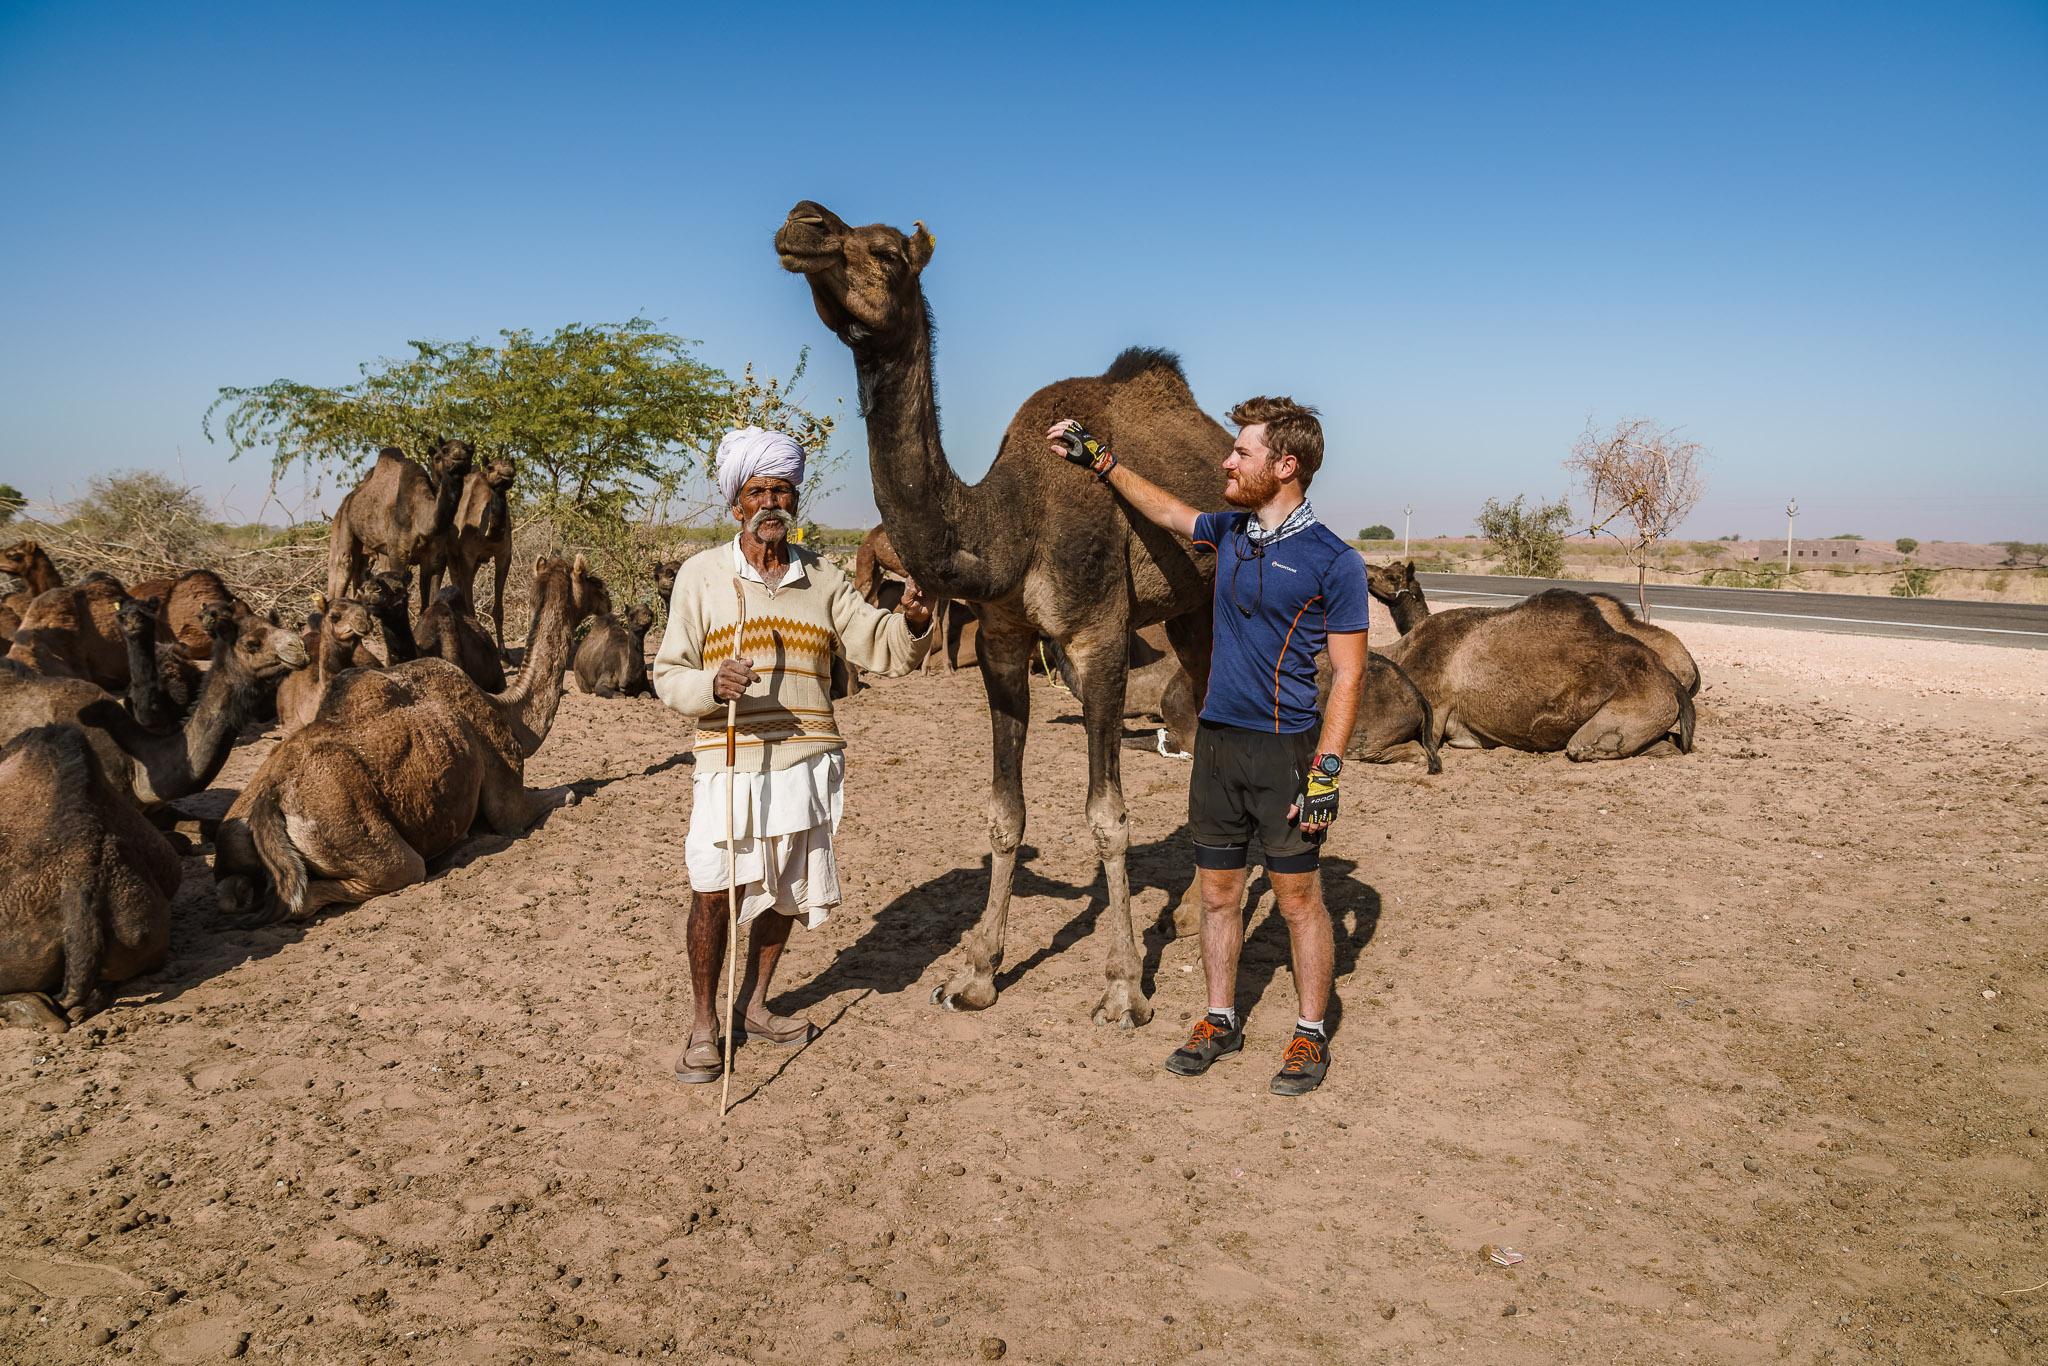 India-pokhran-camel-farmer-3.jpg